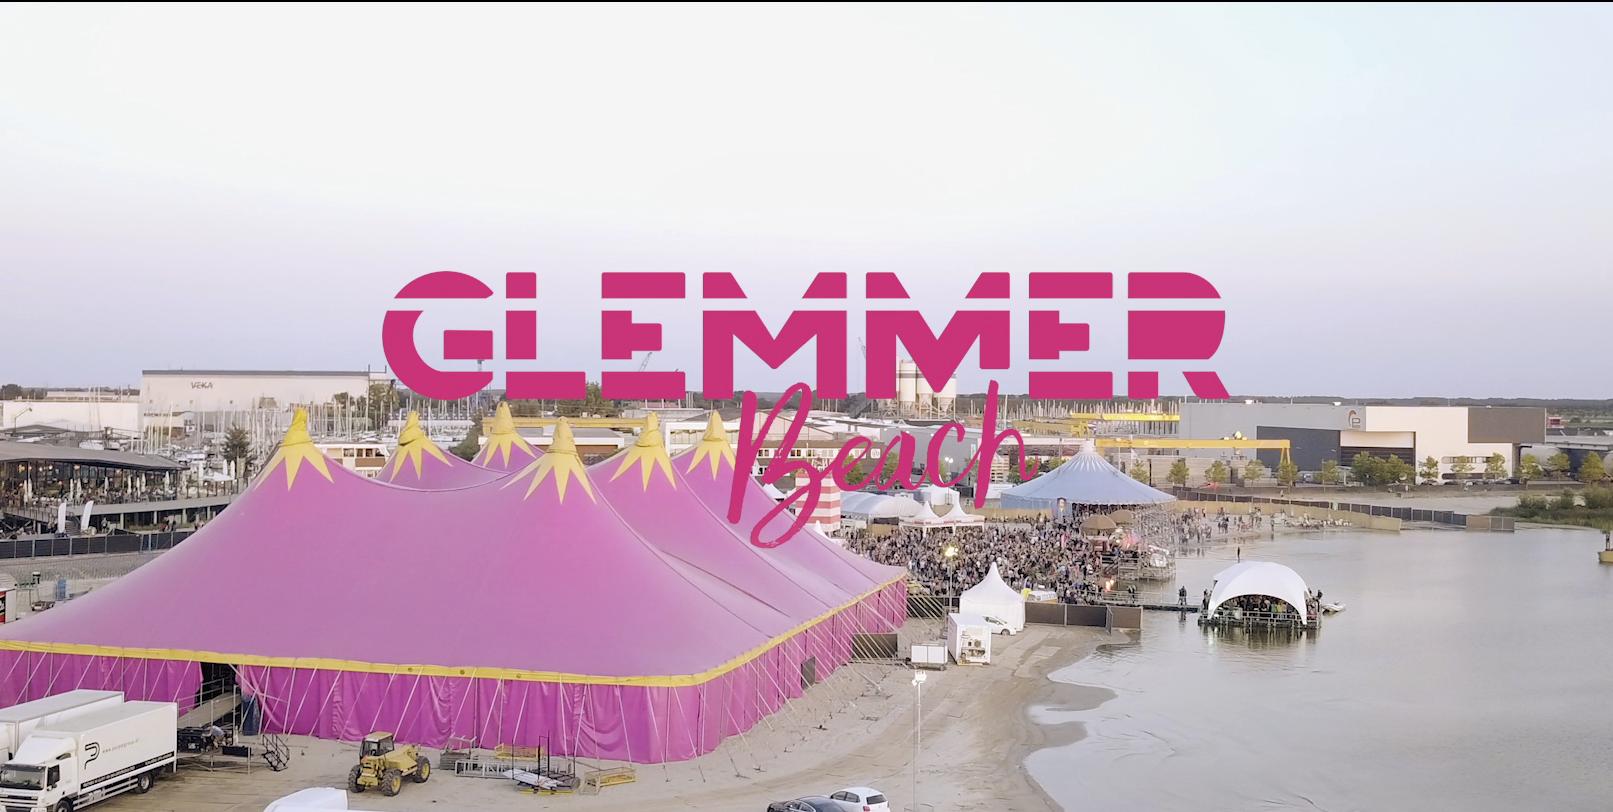 Aftermovie Glemmer Beach